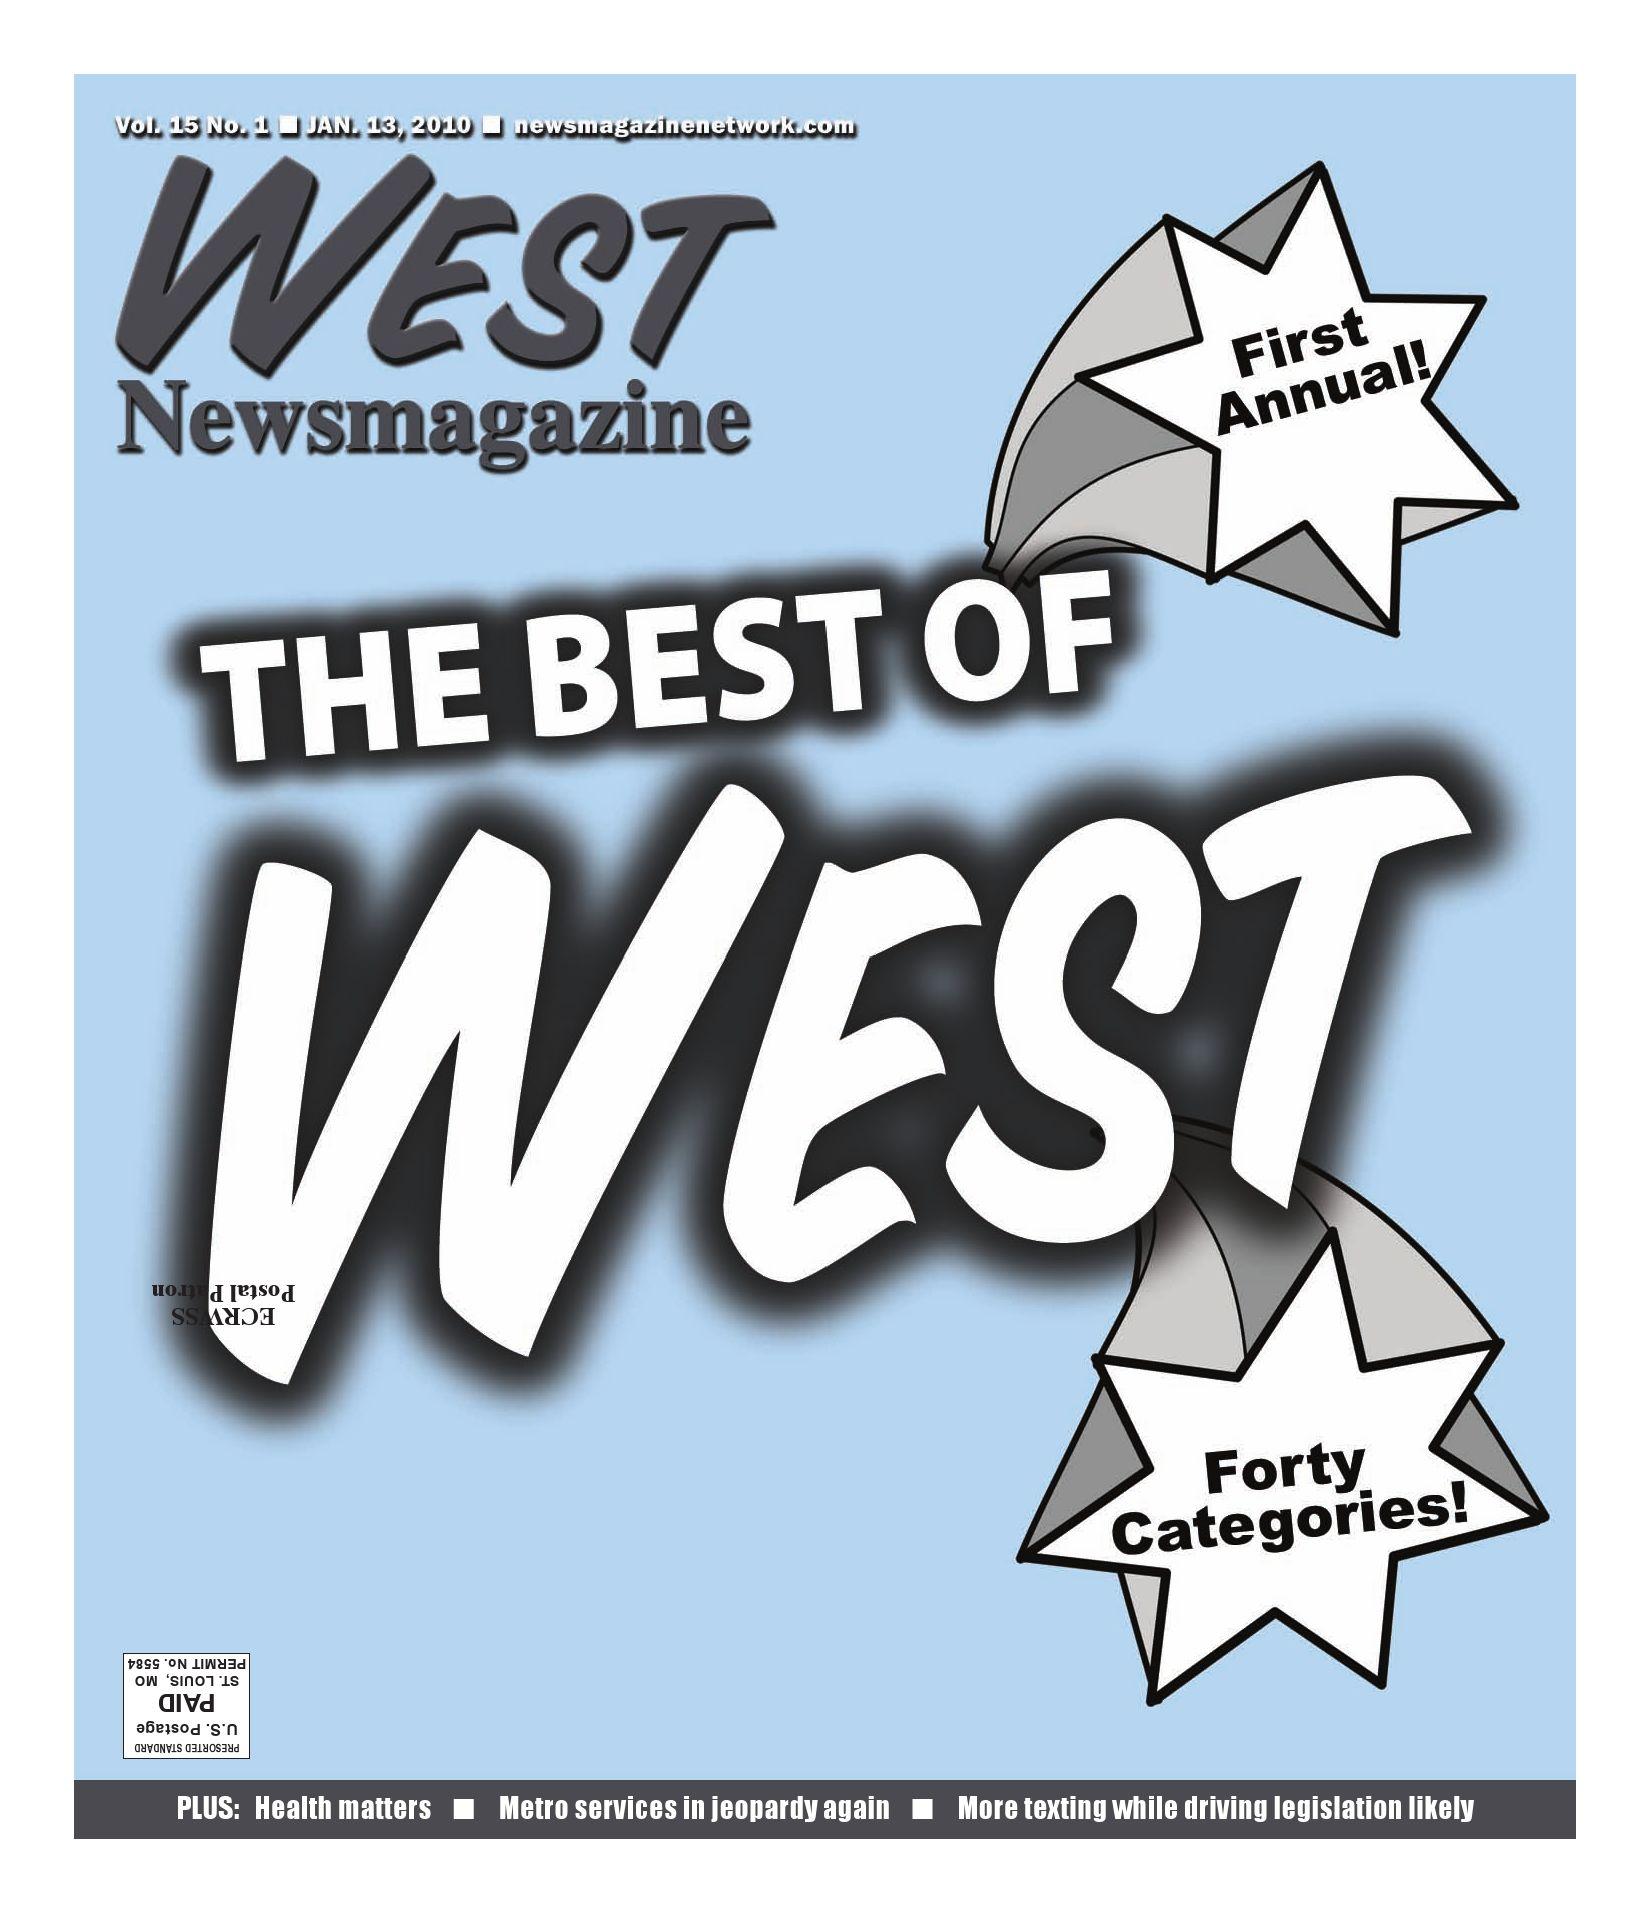 West Newsmagazine January 13 2010 by Newsmagazine Network issuu